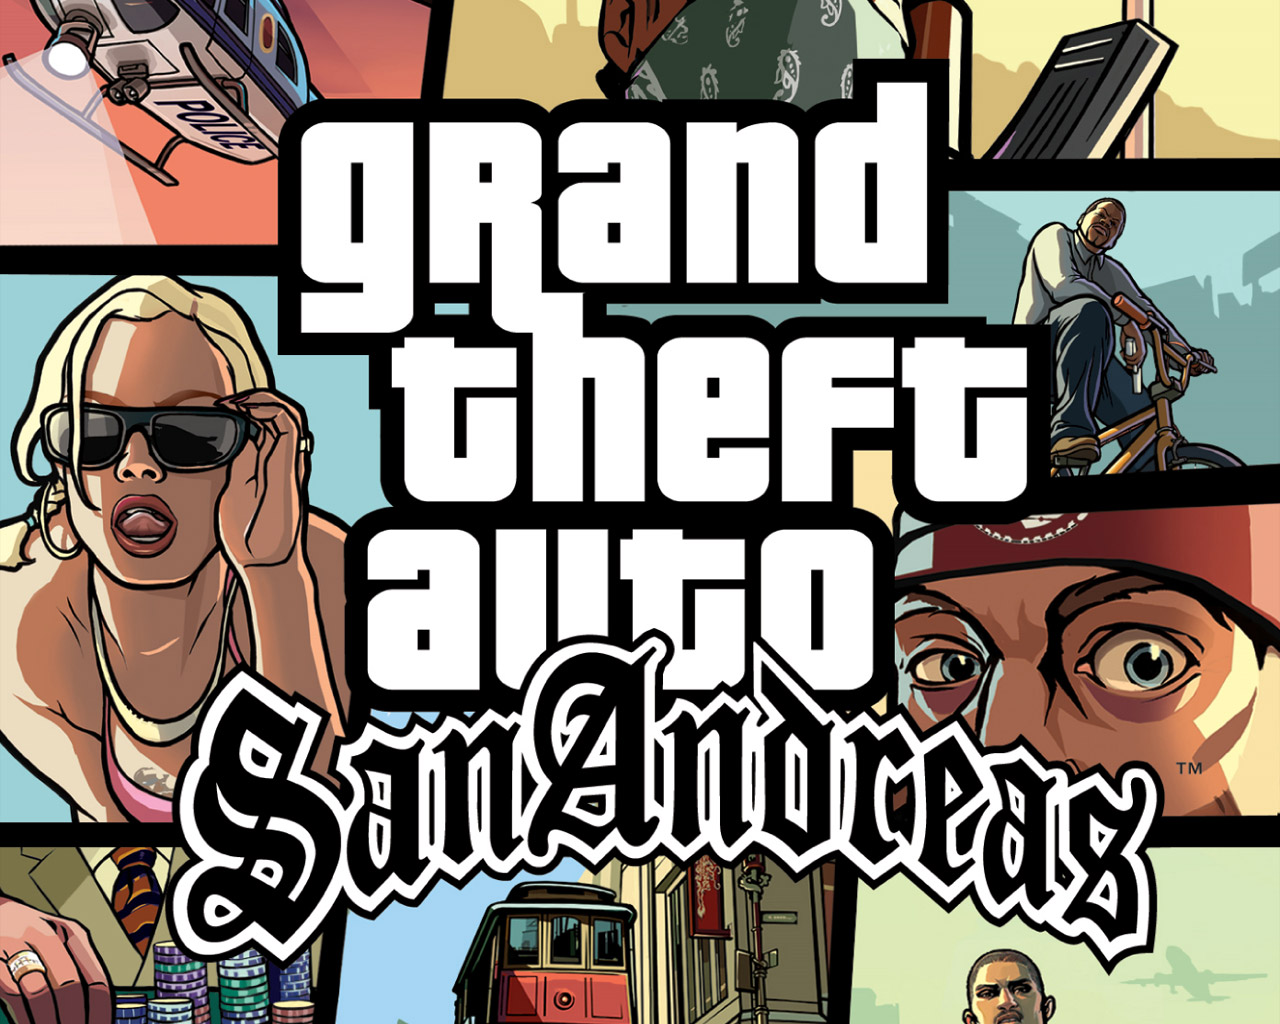 لعبة العالم المفتوح والاكشن الشهيرة GTA San Andreas نسخة ريباك مضغوطة بجميع الاضافات والتحديثات بحجم 3 جيجا + التورنت